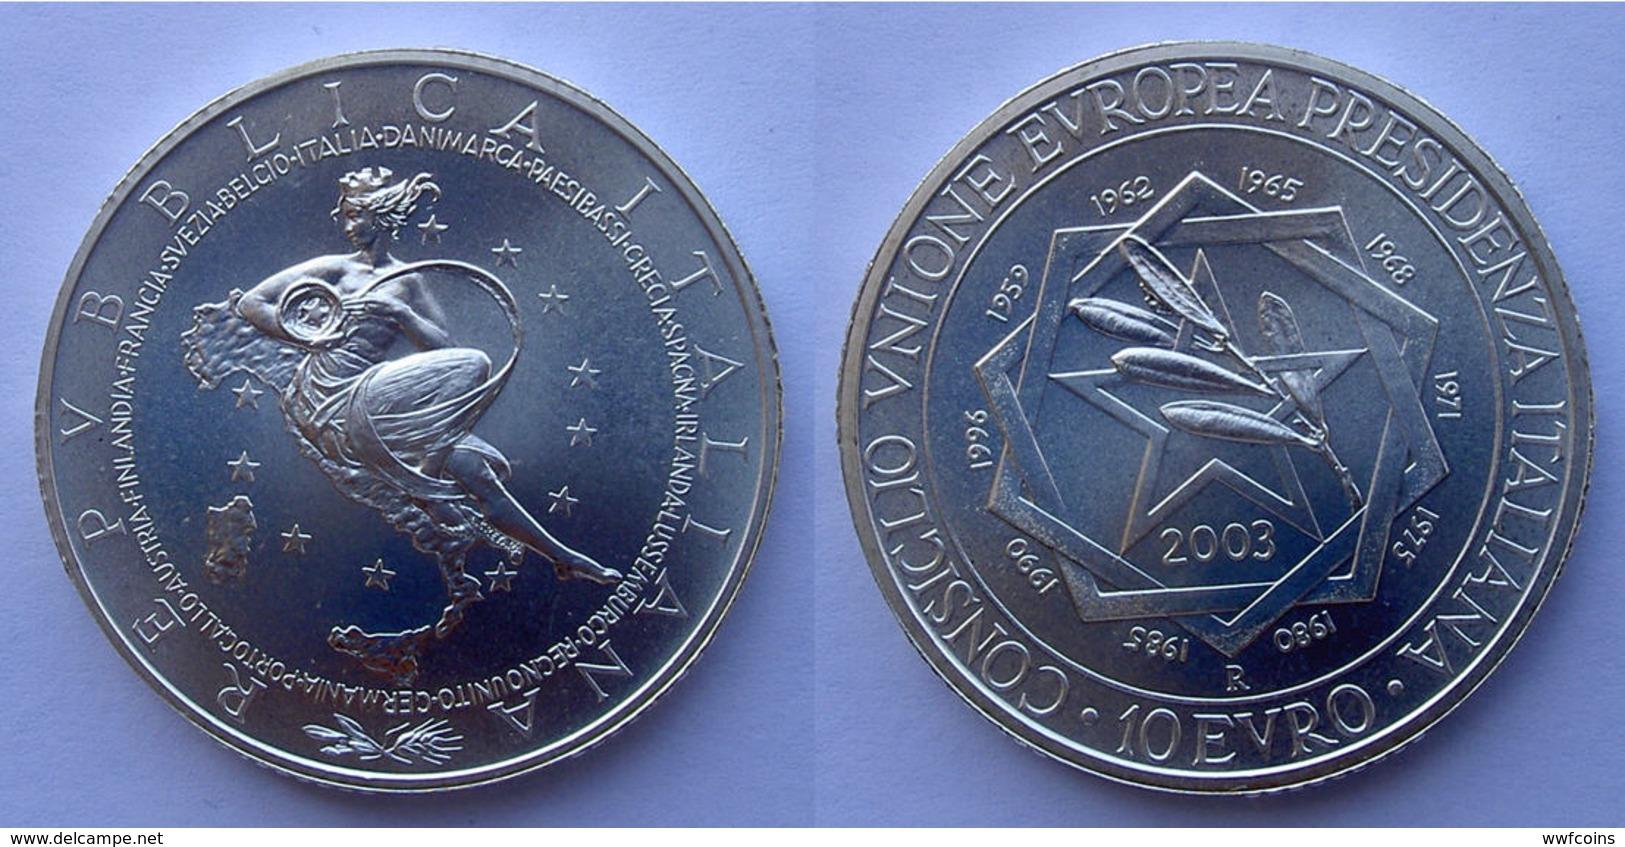 ITALIA 10 E 2003 ARGENTO EURO CONSIGLIO UNINE EUROPEA PRESIDENZA ITALIANA PESO 22g TITOLO 0,925 CONSERVAZIONE FDC UNC. - Italy